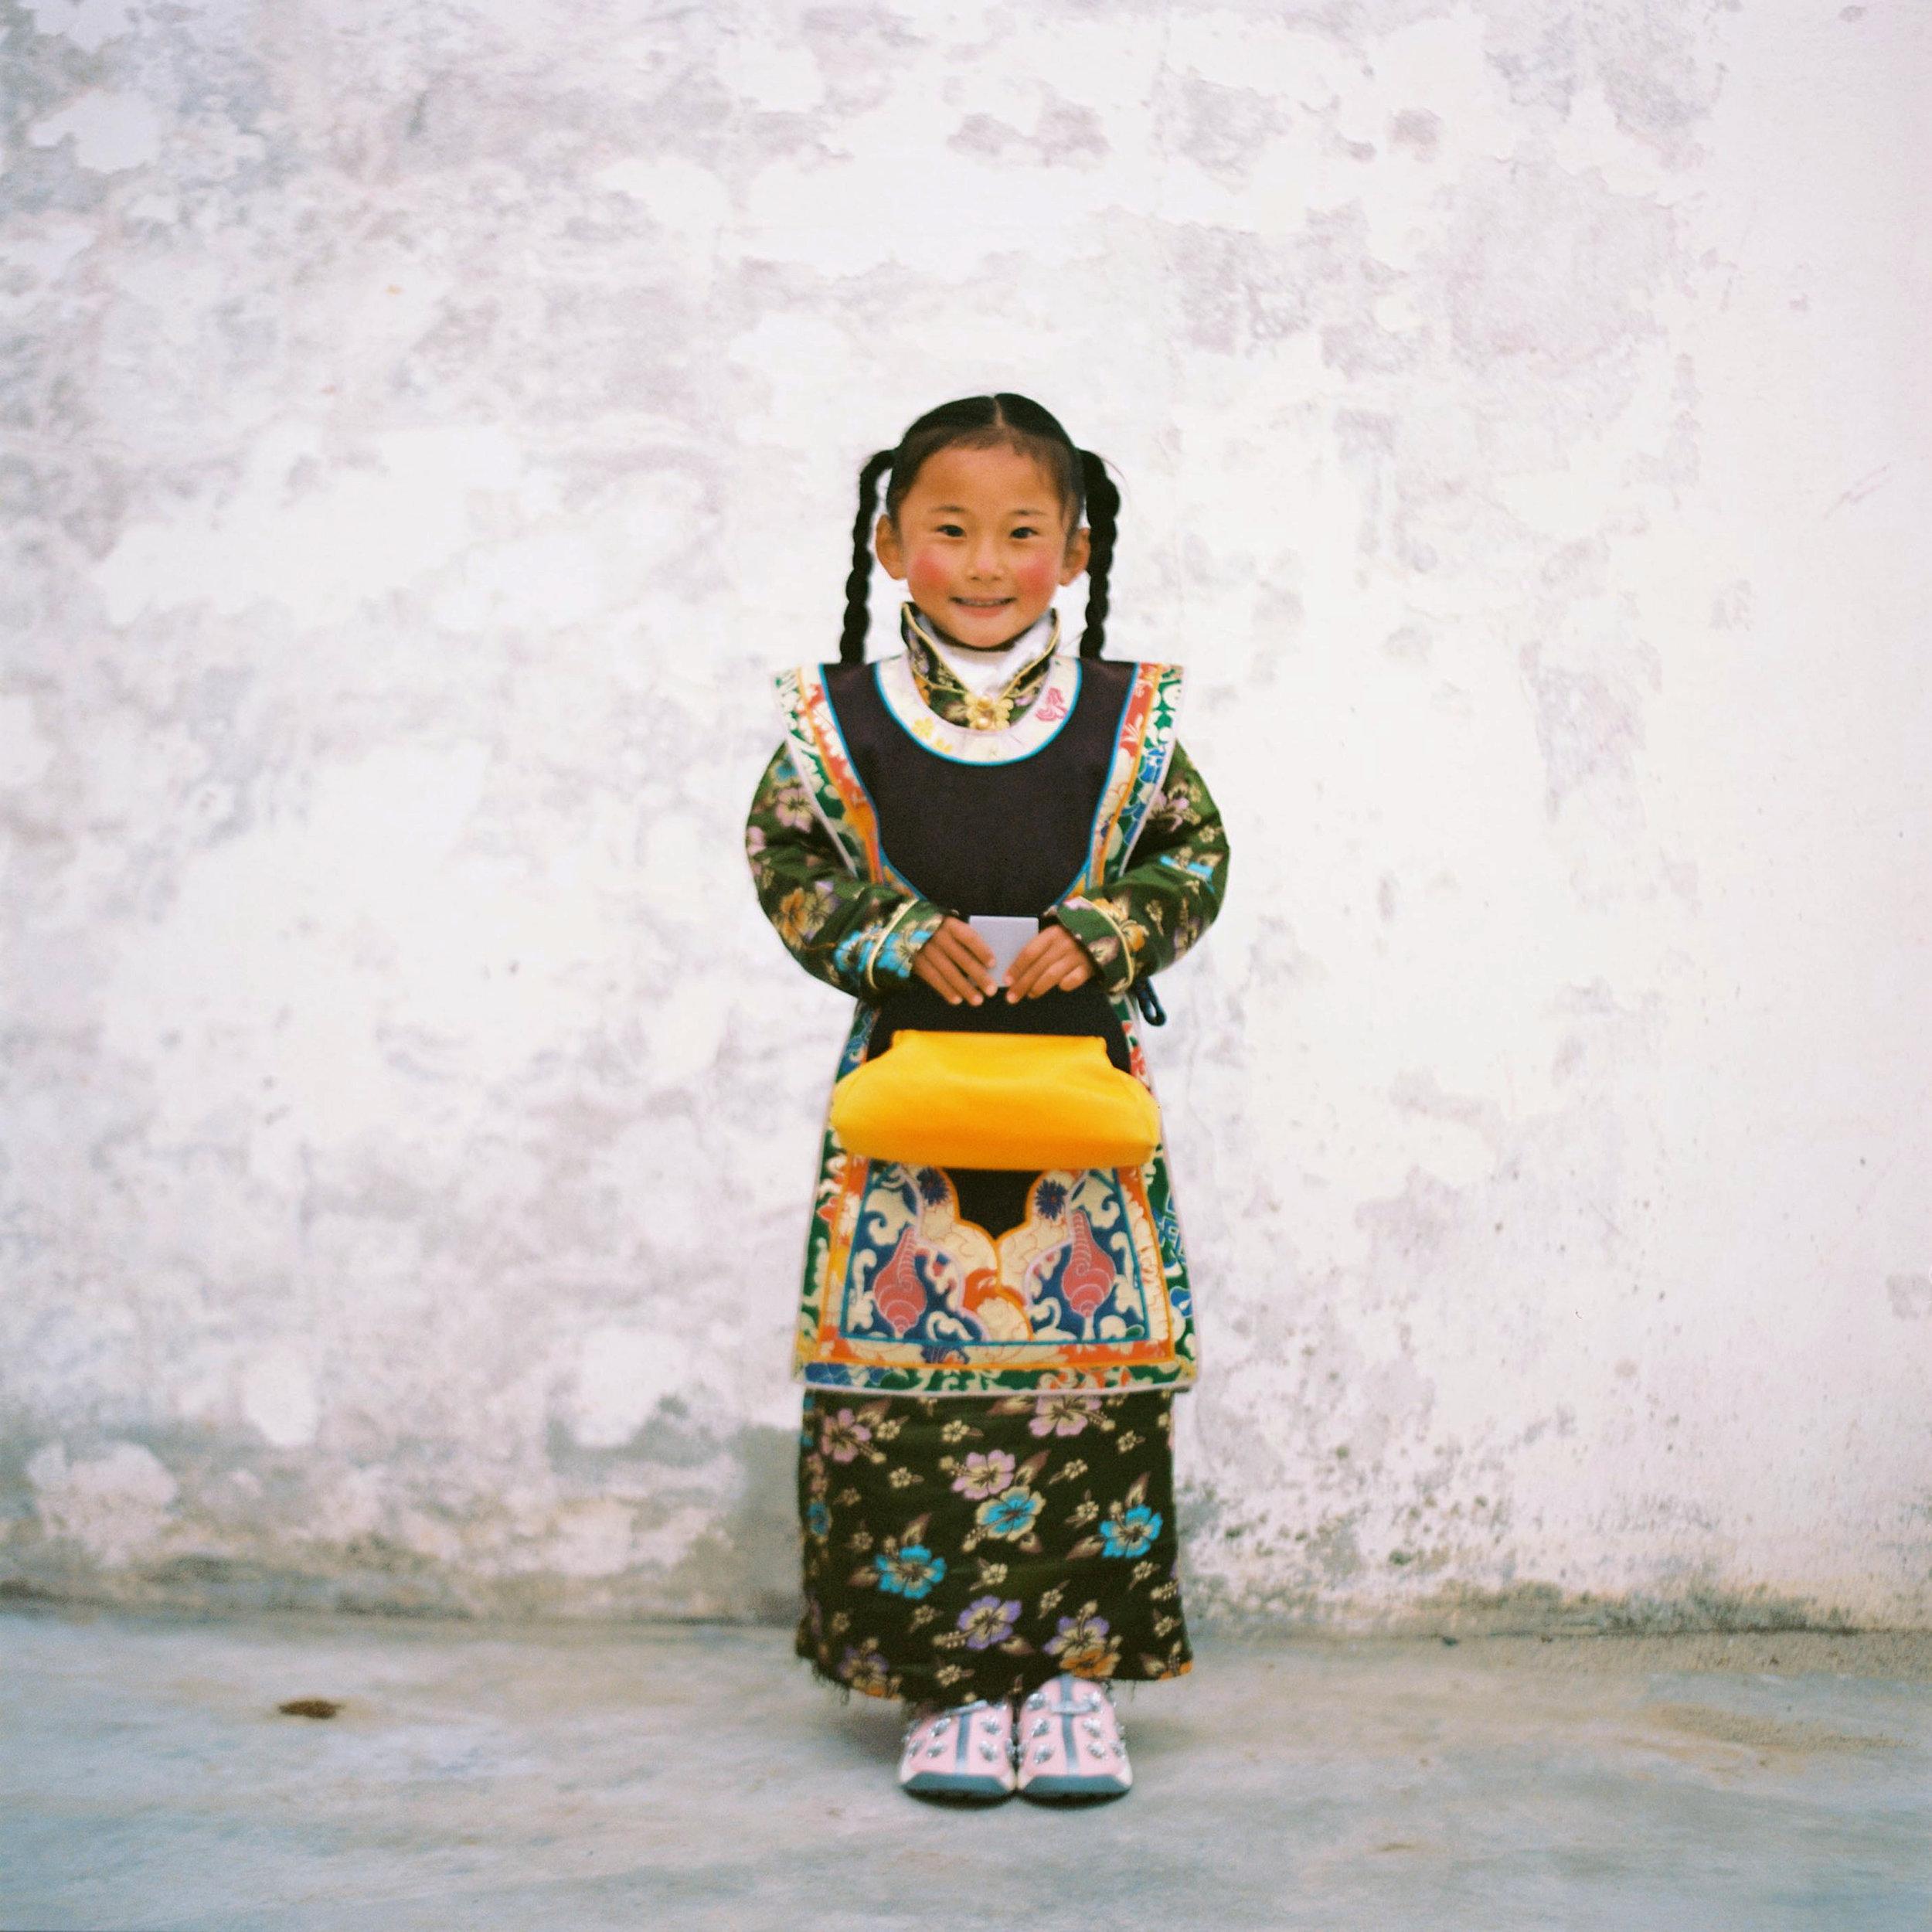 nyema-droma-sons-of-himalaya-photography-of-china-9.jpg